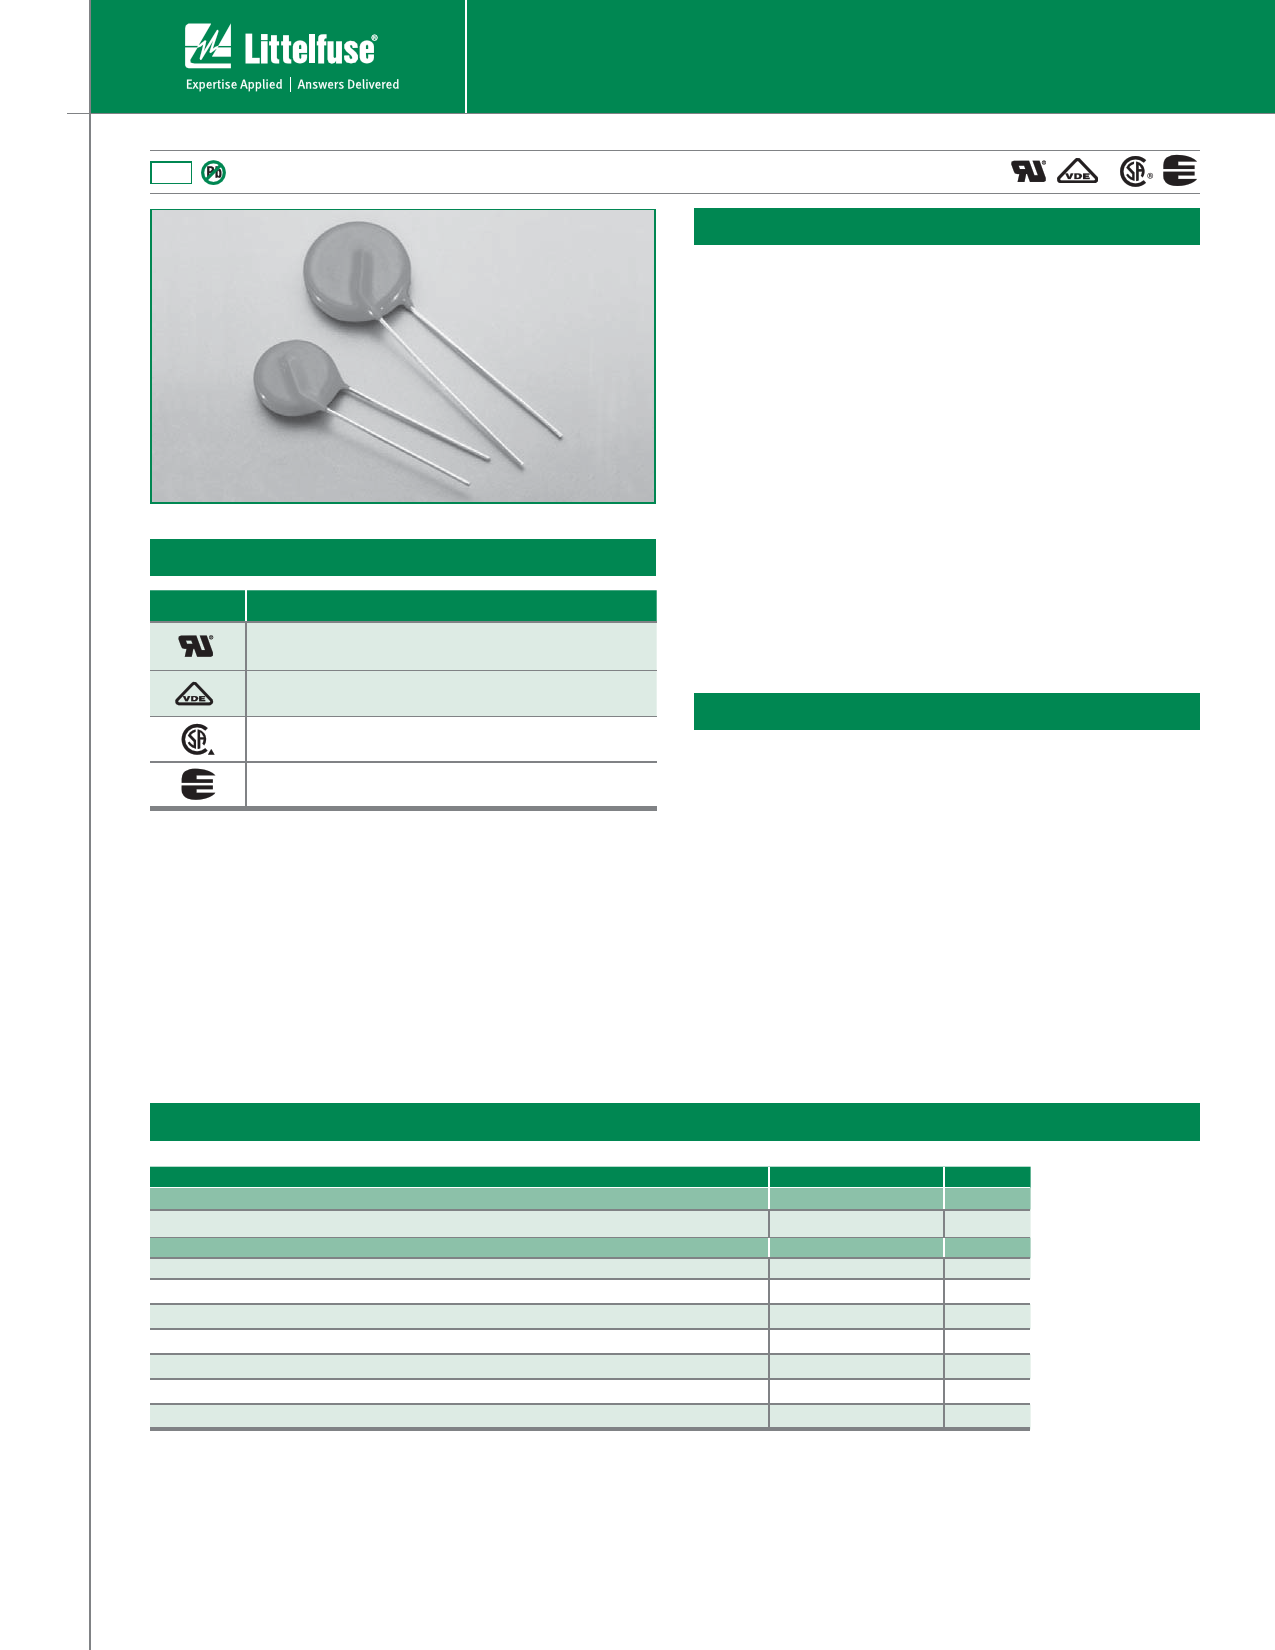 V07E420 datasheet